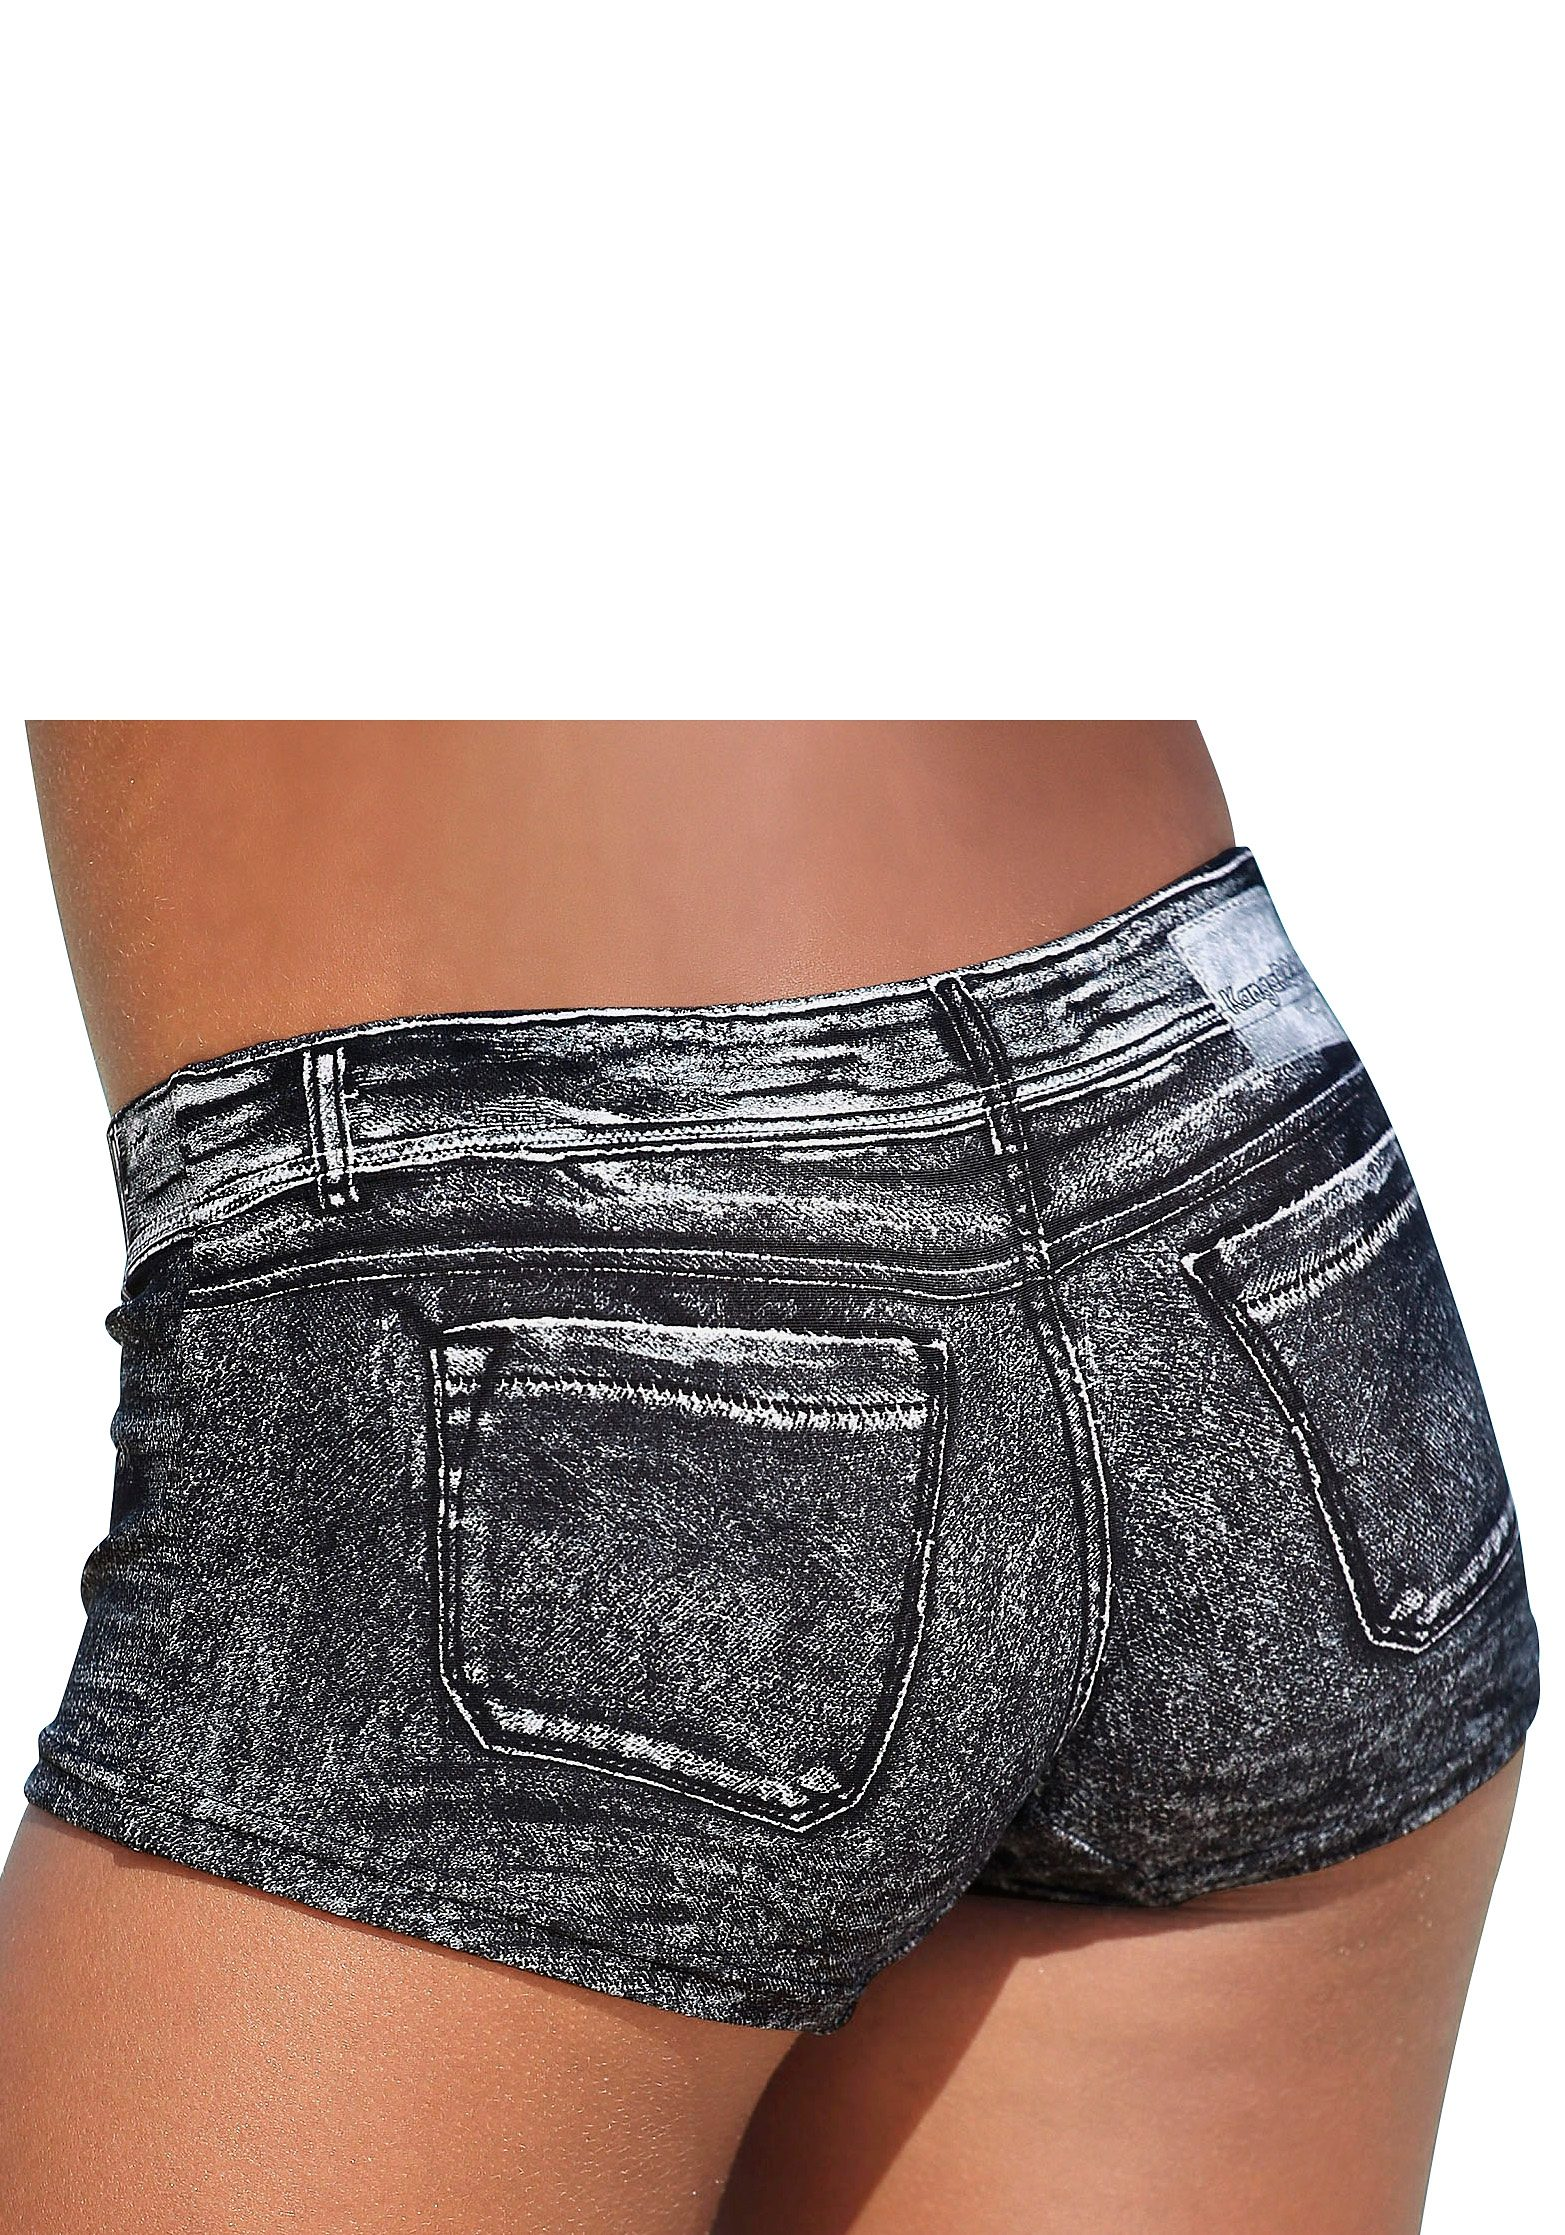 KangaROOS Hotpants